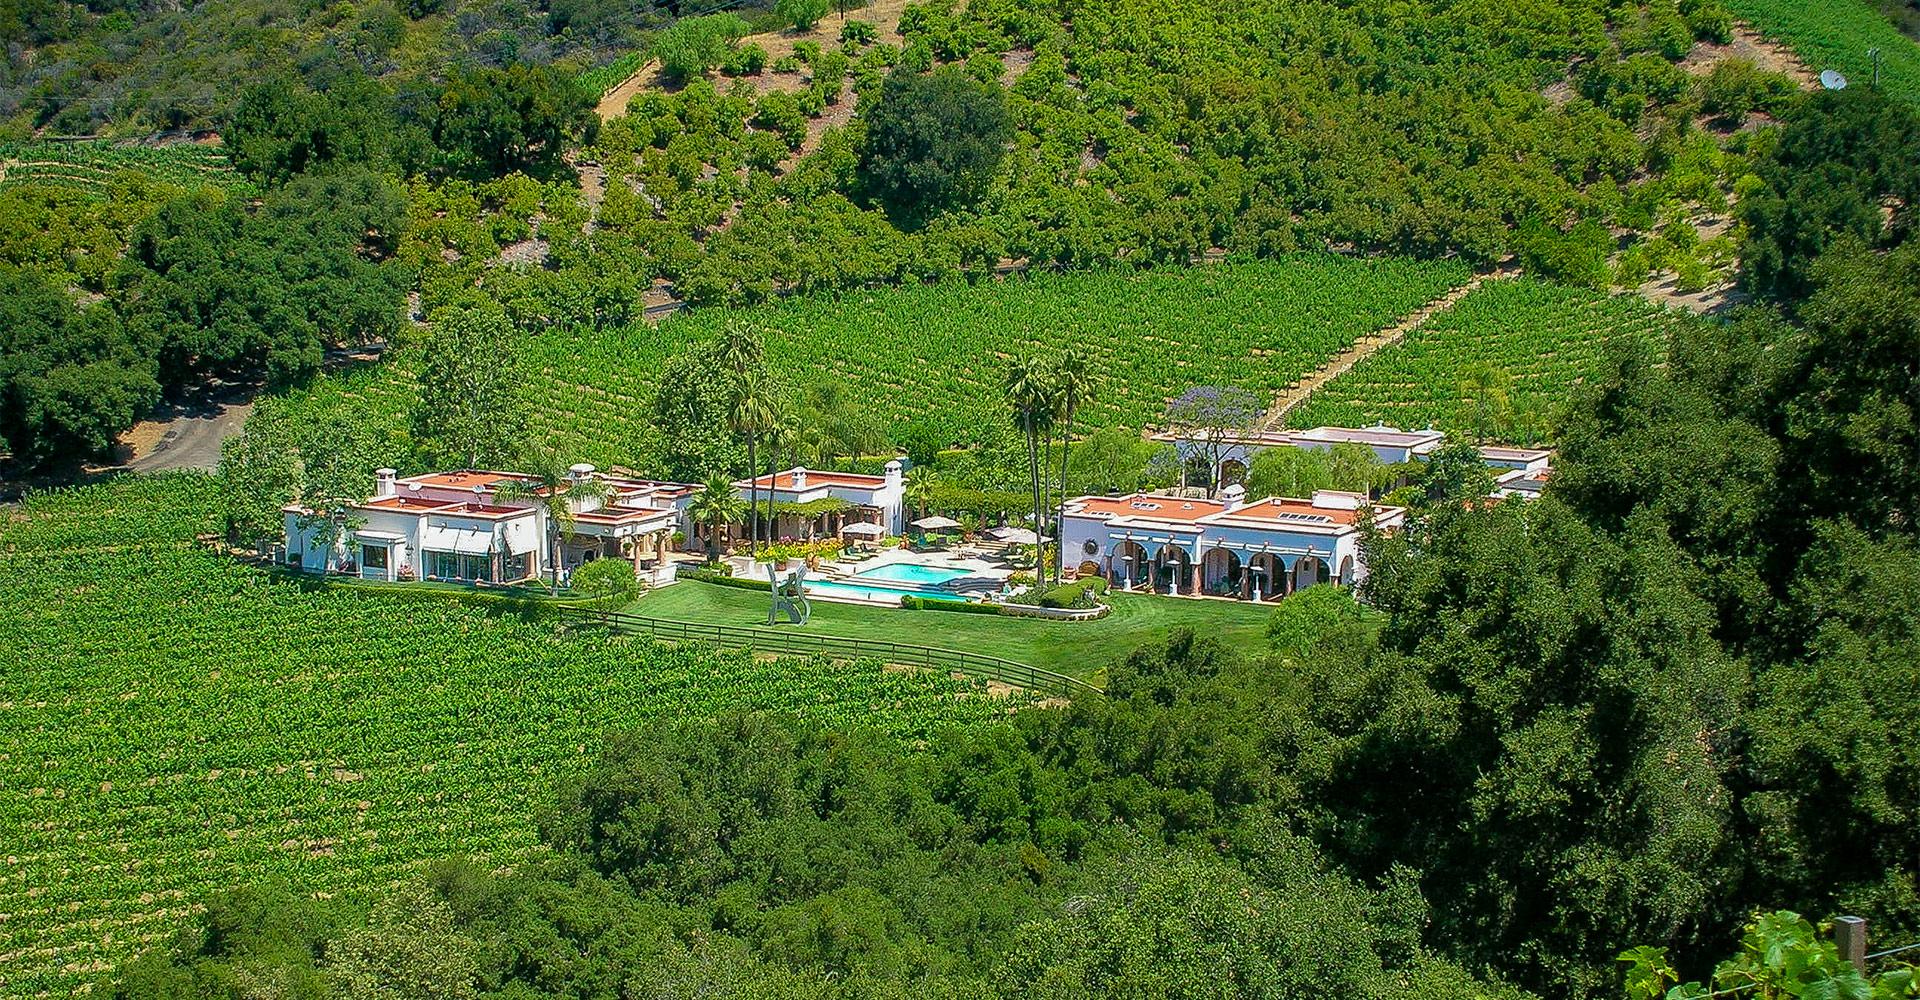 The ranch at the Malibu vineyard